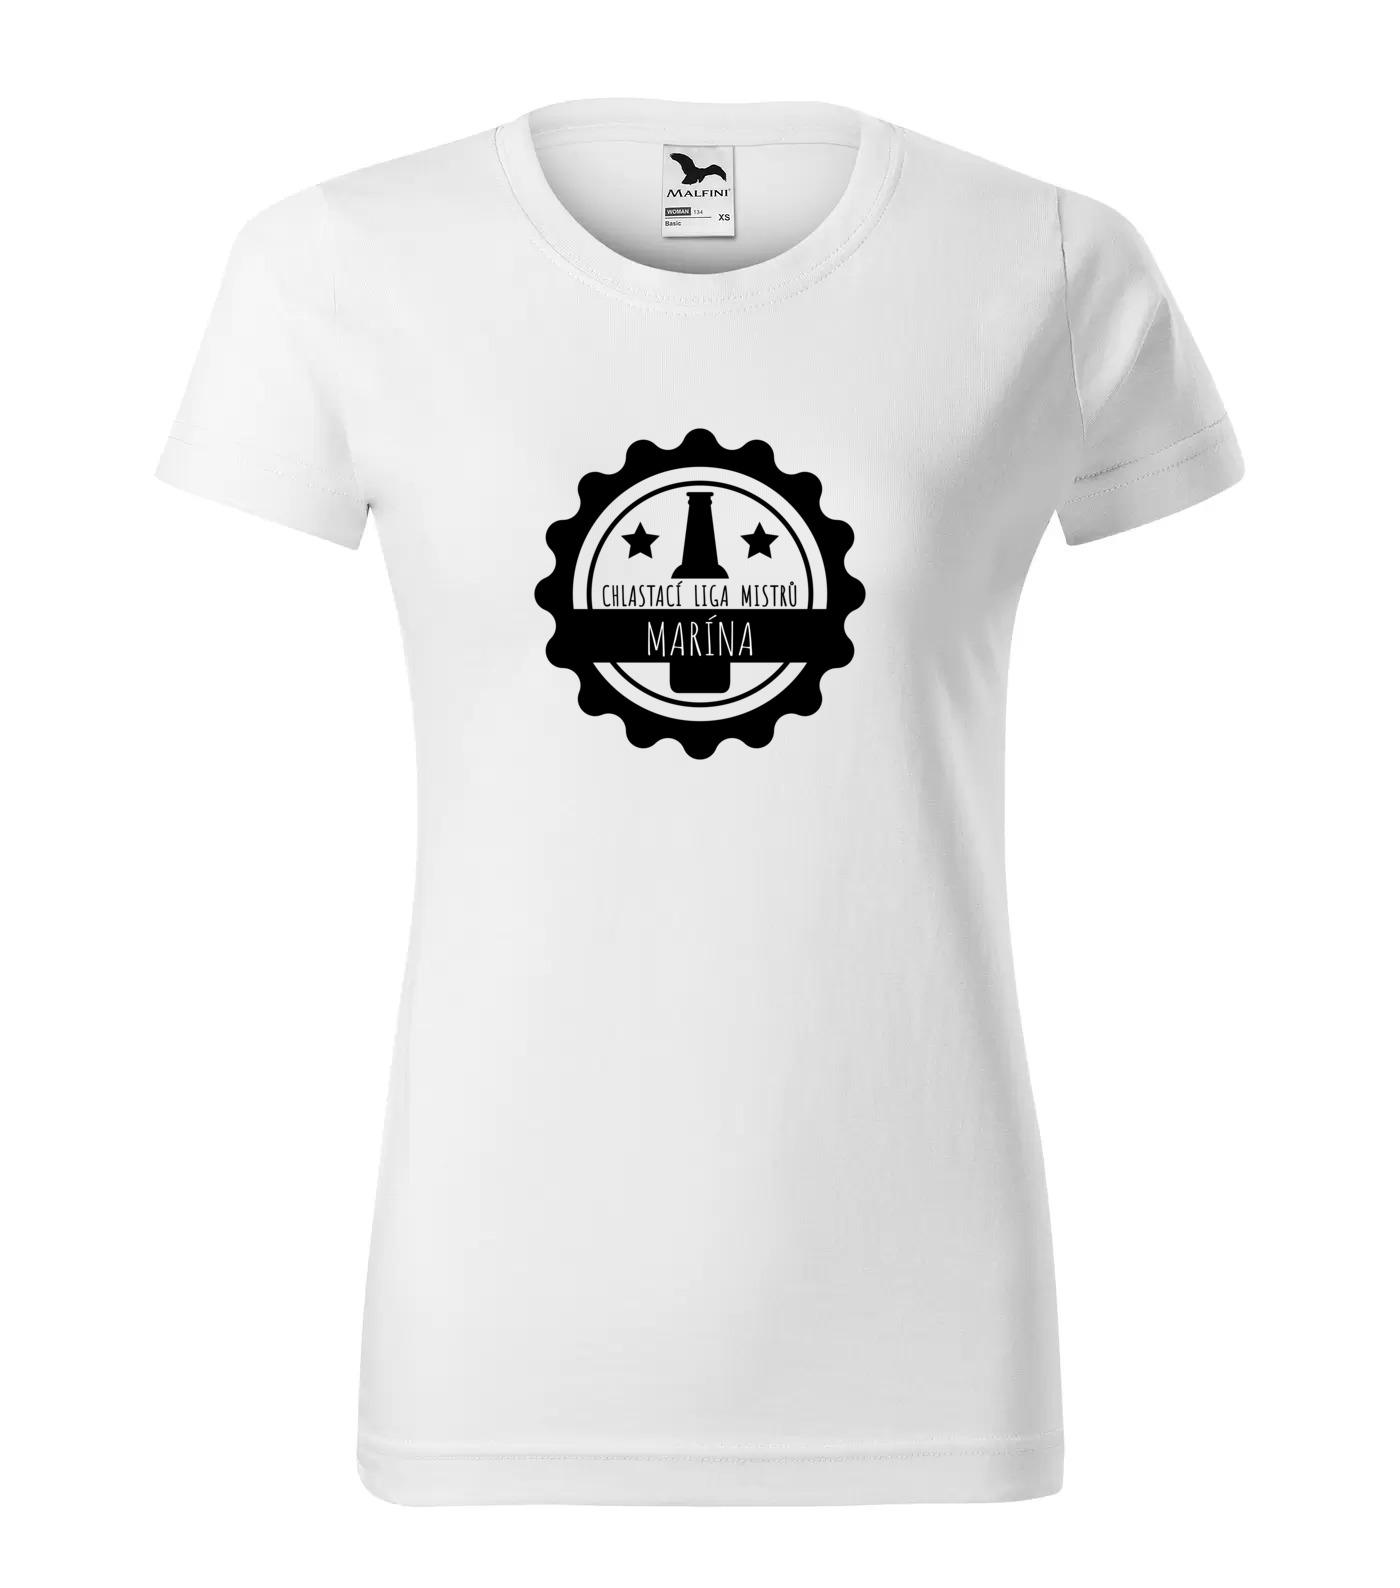 Tričko Chlastací liga žen Marína